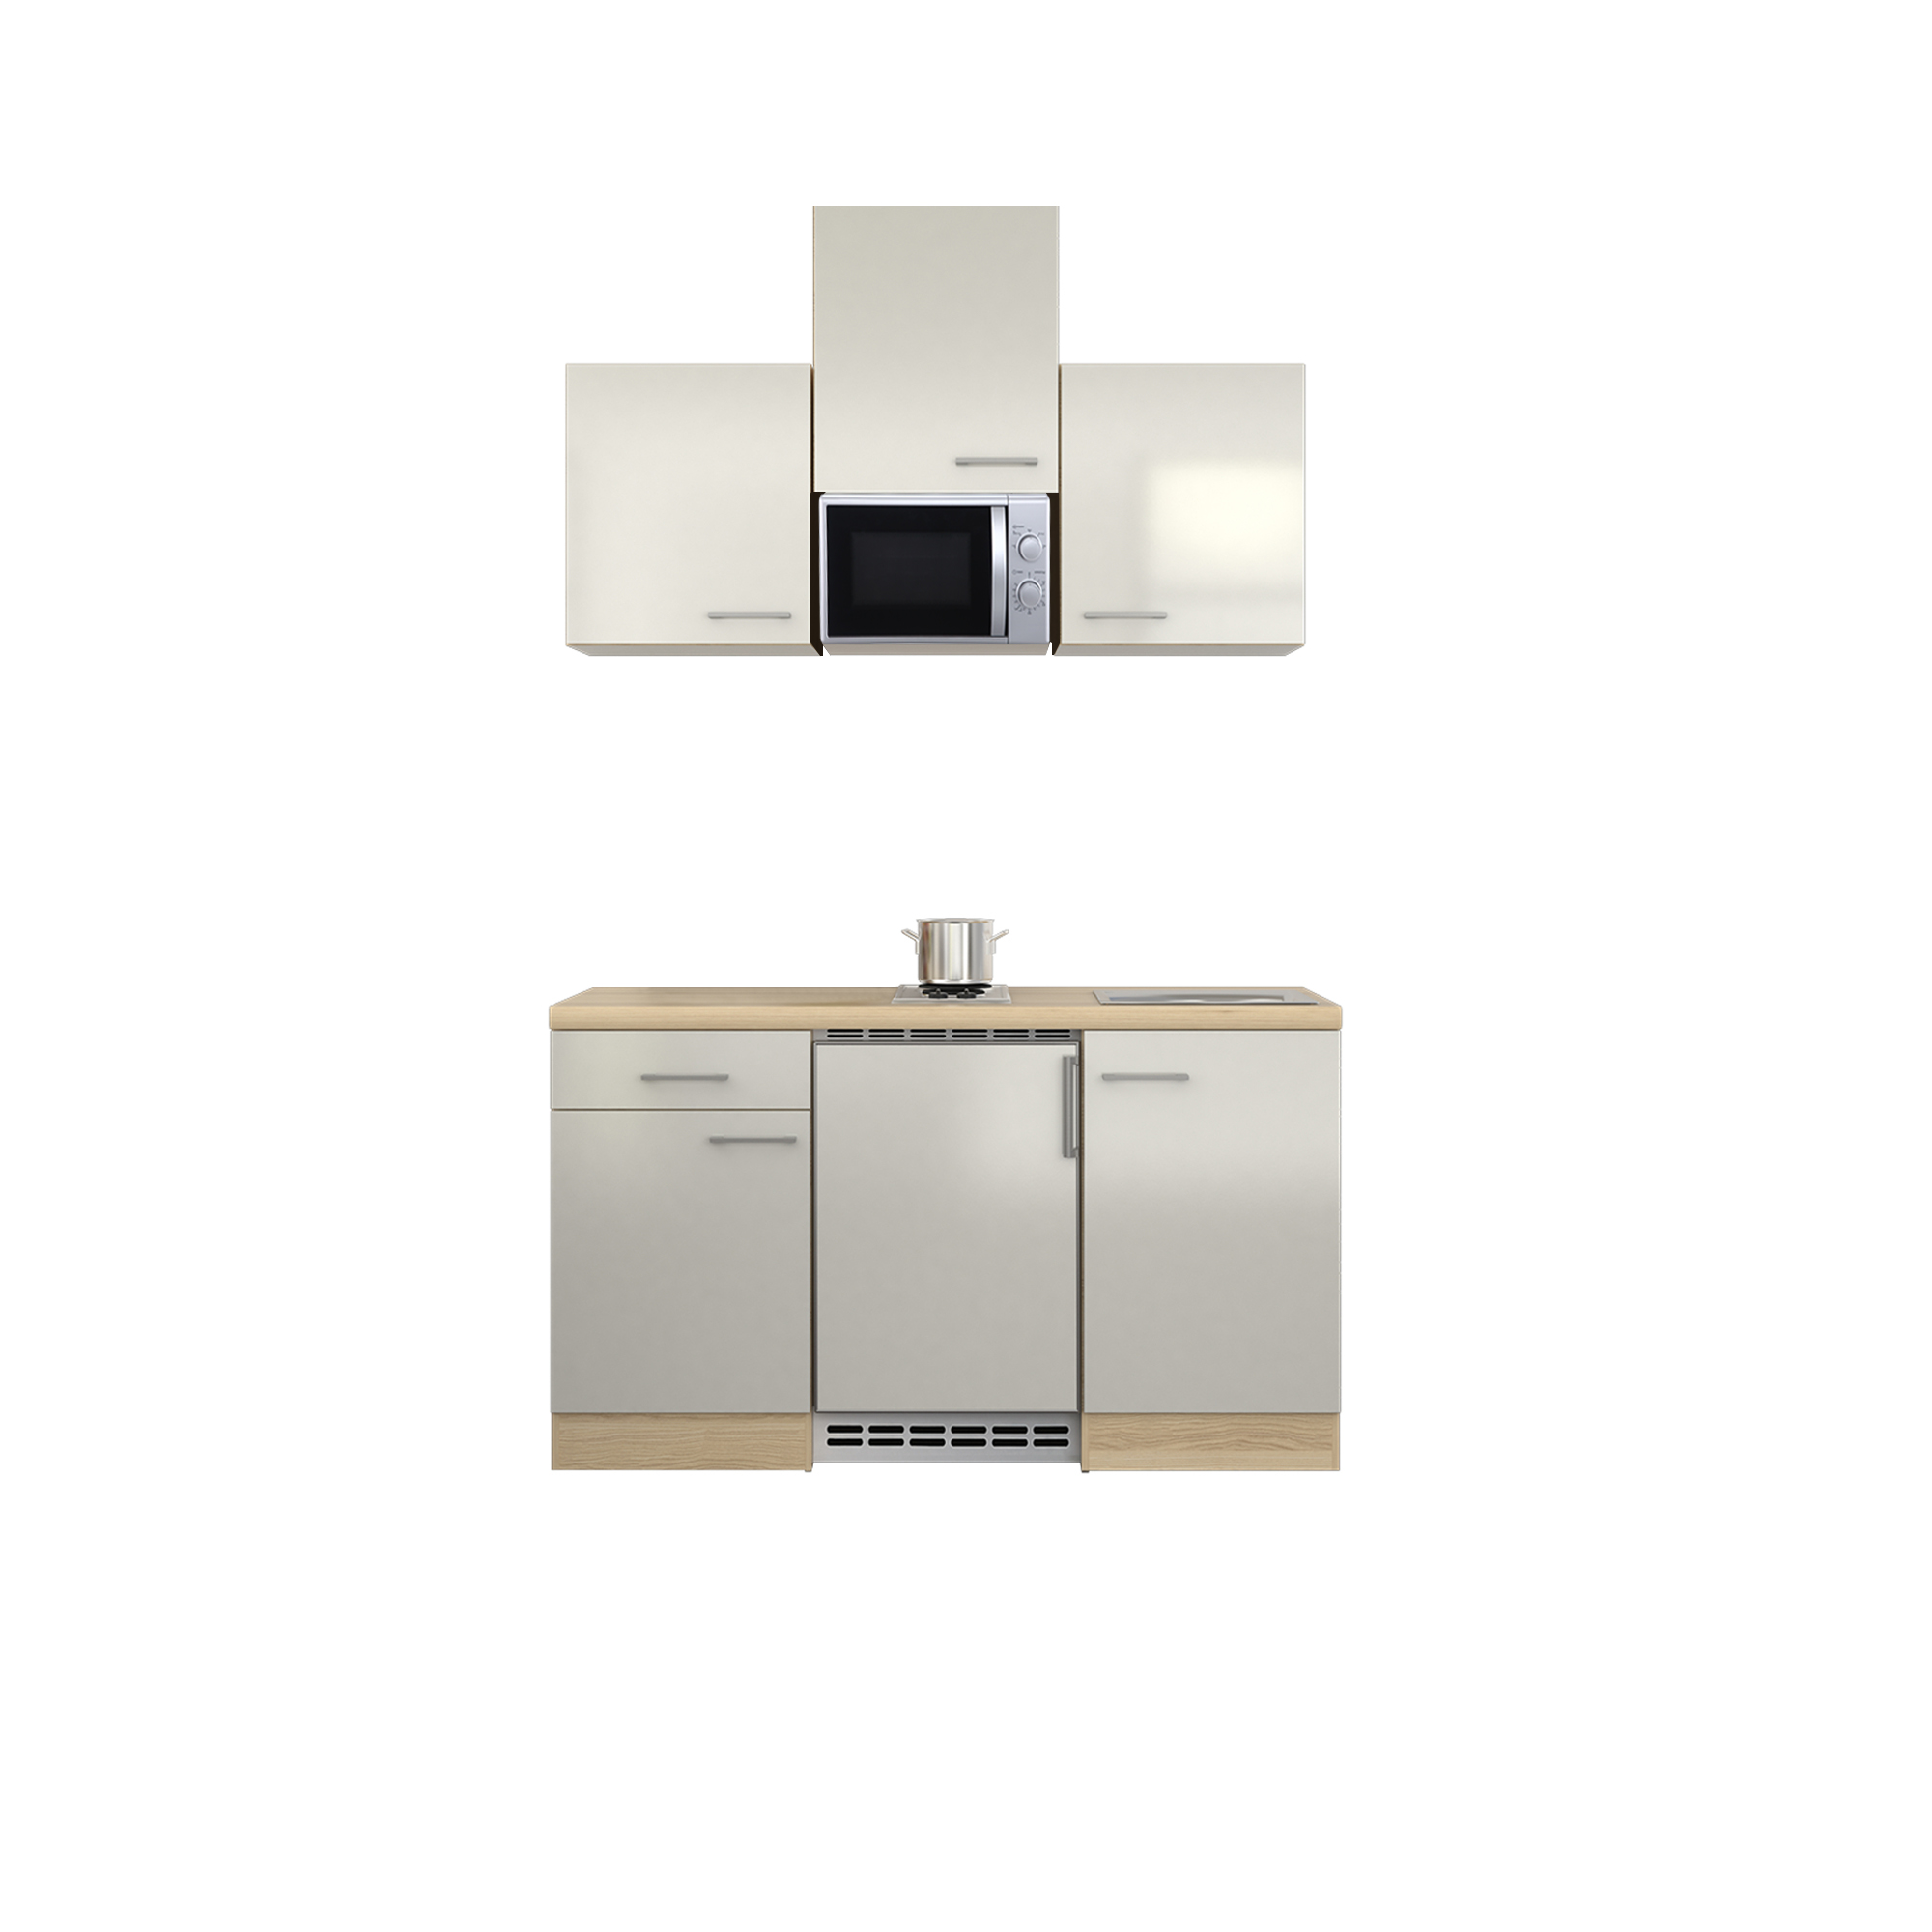 Full Size of Miniküche Mit Kühlschrank Und Ceranfeld Miniküche Mit Kühlschrank Und Mikrowelle Suche Miniküche Mit Kühlschrank Miniküche Mit Kühlschrank Und Spülmaschine Küche Miniküche Mit Kühlschrank